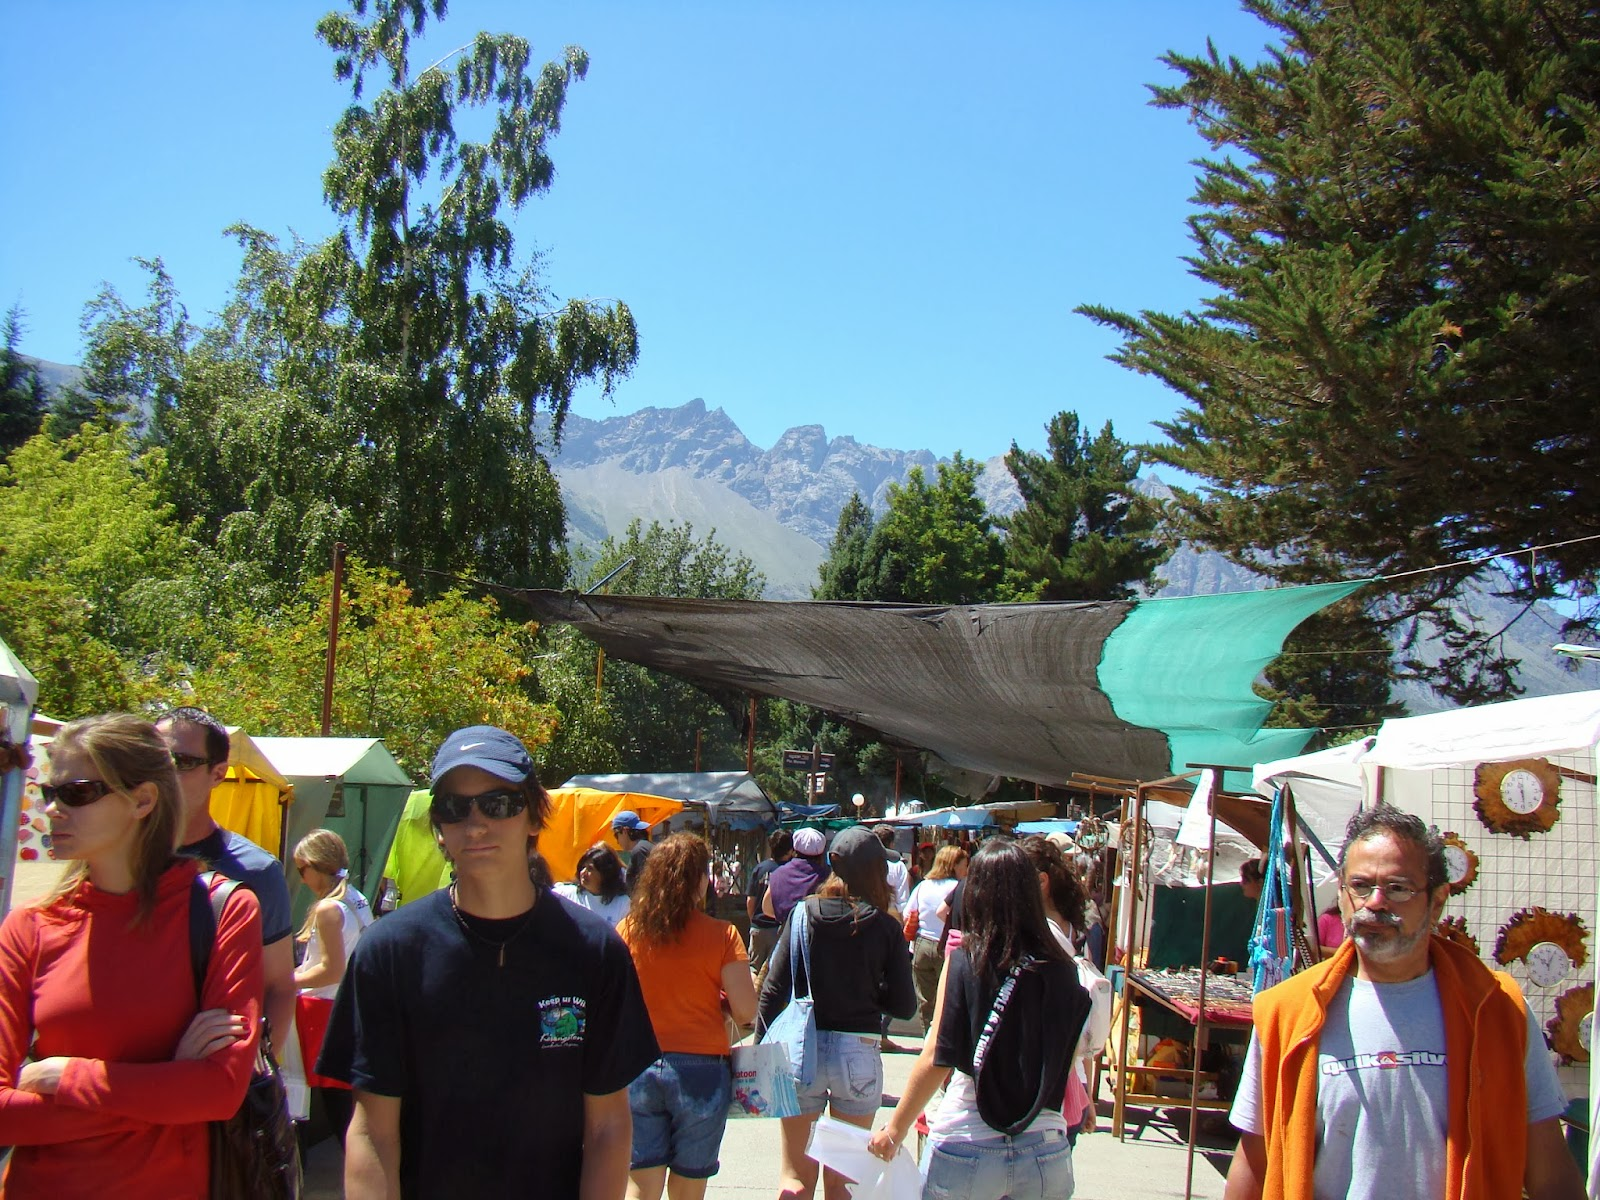 Mercado, El Bolsón, Lago Puelo, Patagonia Argentina, Elisa N, Blog de Viajes, Lifestyle, Travel